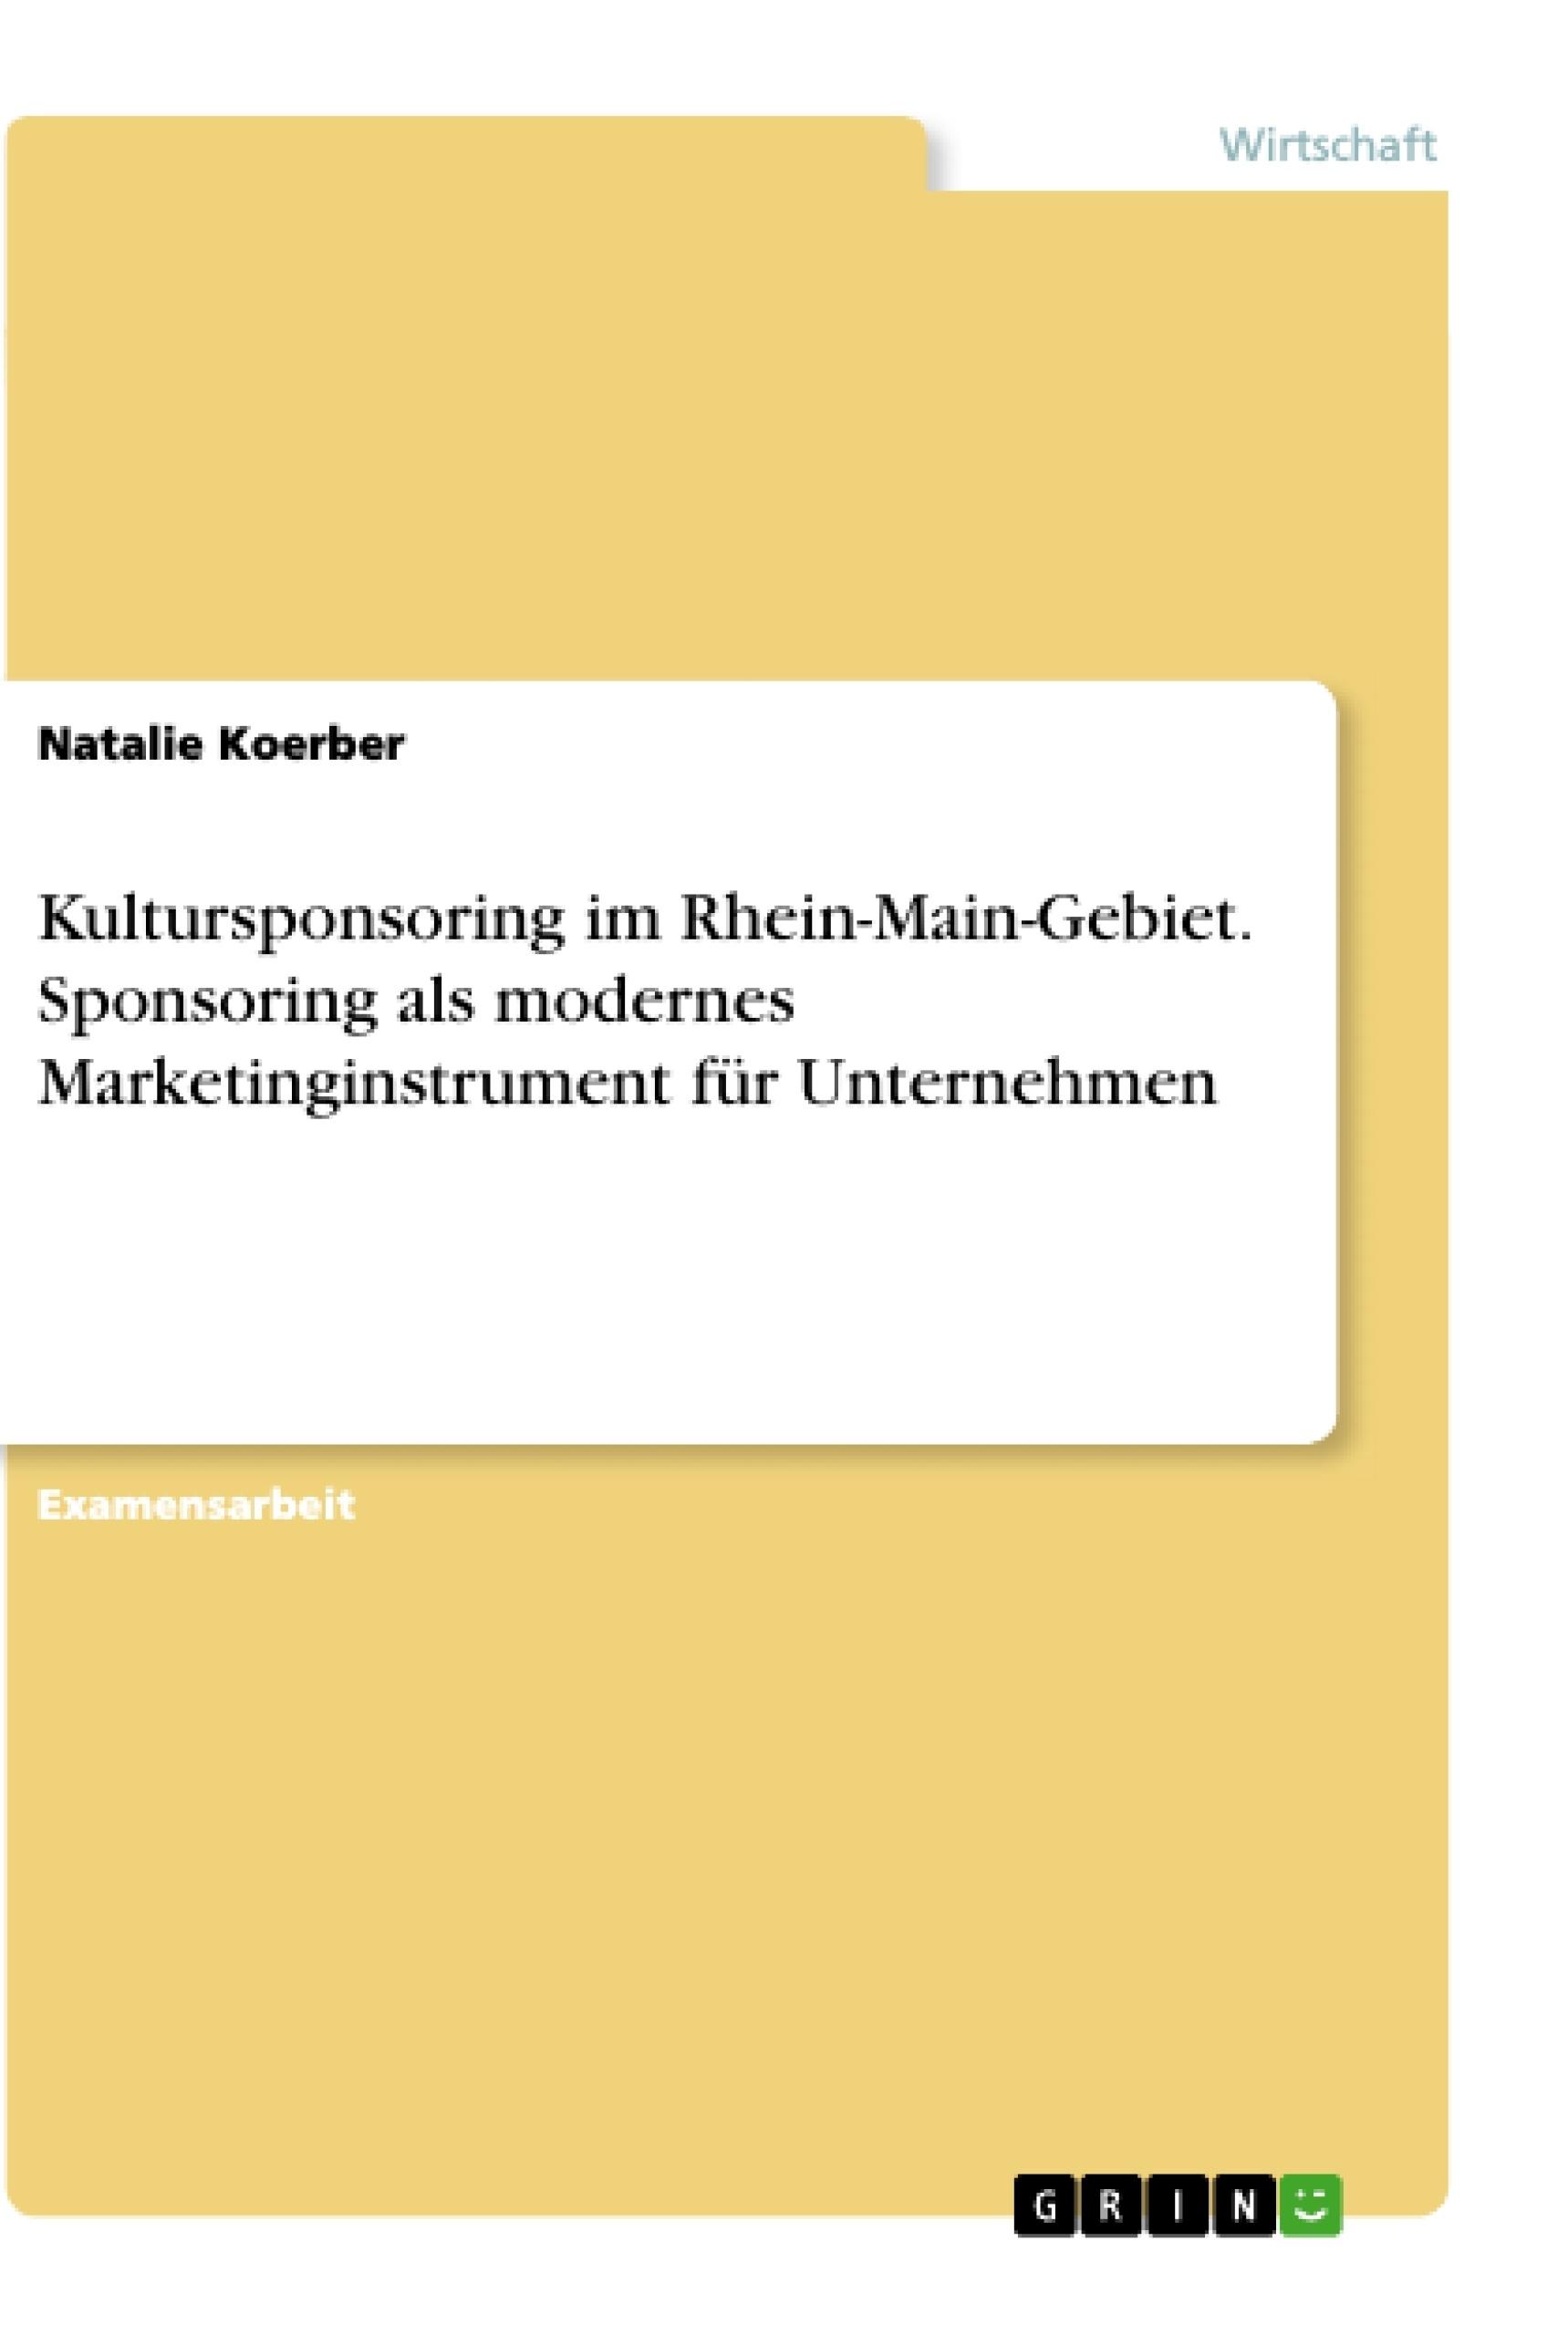 Titel: Kultursponsoring im Rhein-Main-Gebiet. Sponsoring als modernes Marketinginstrument für Unternehmen